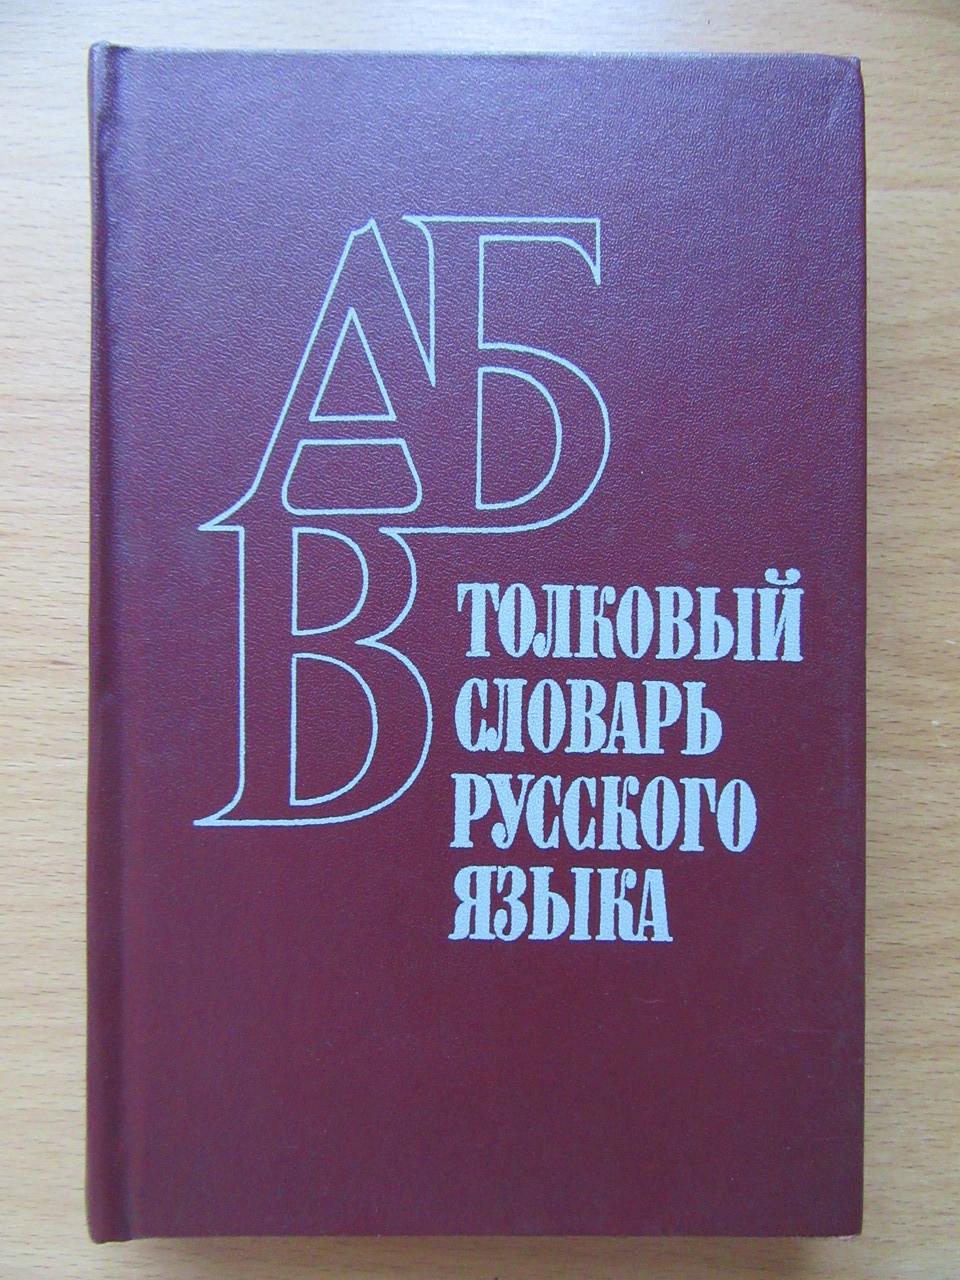 Толковый словарь русского языка. Более 3500 слов. 1982г